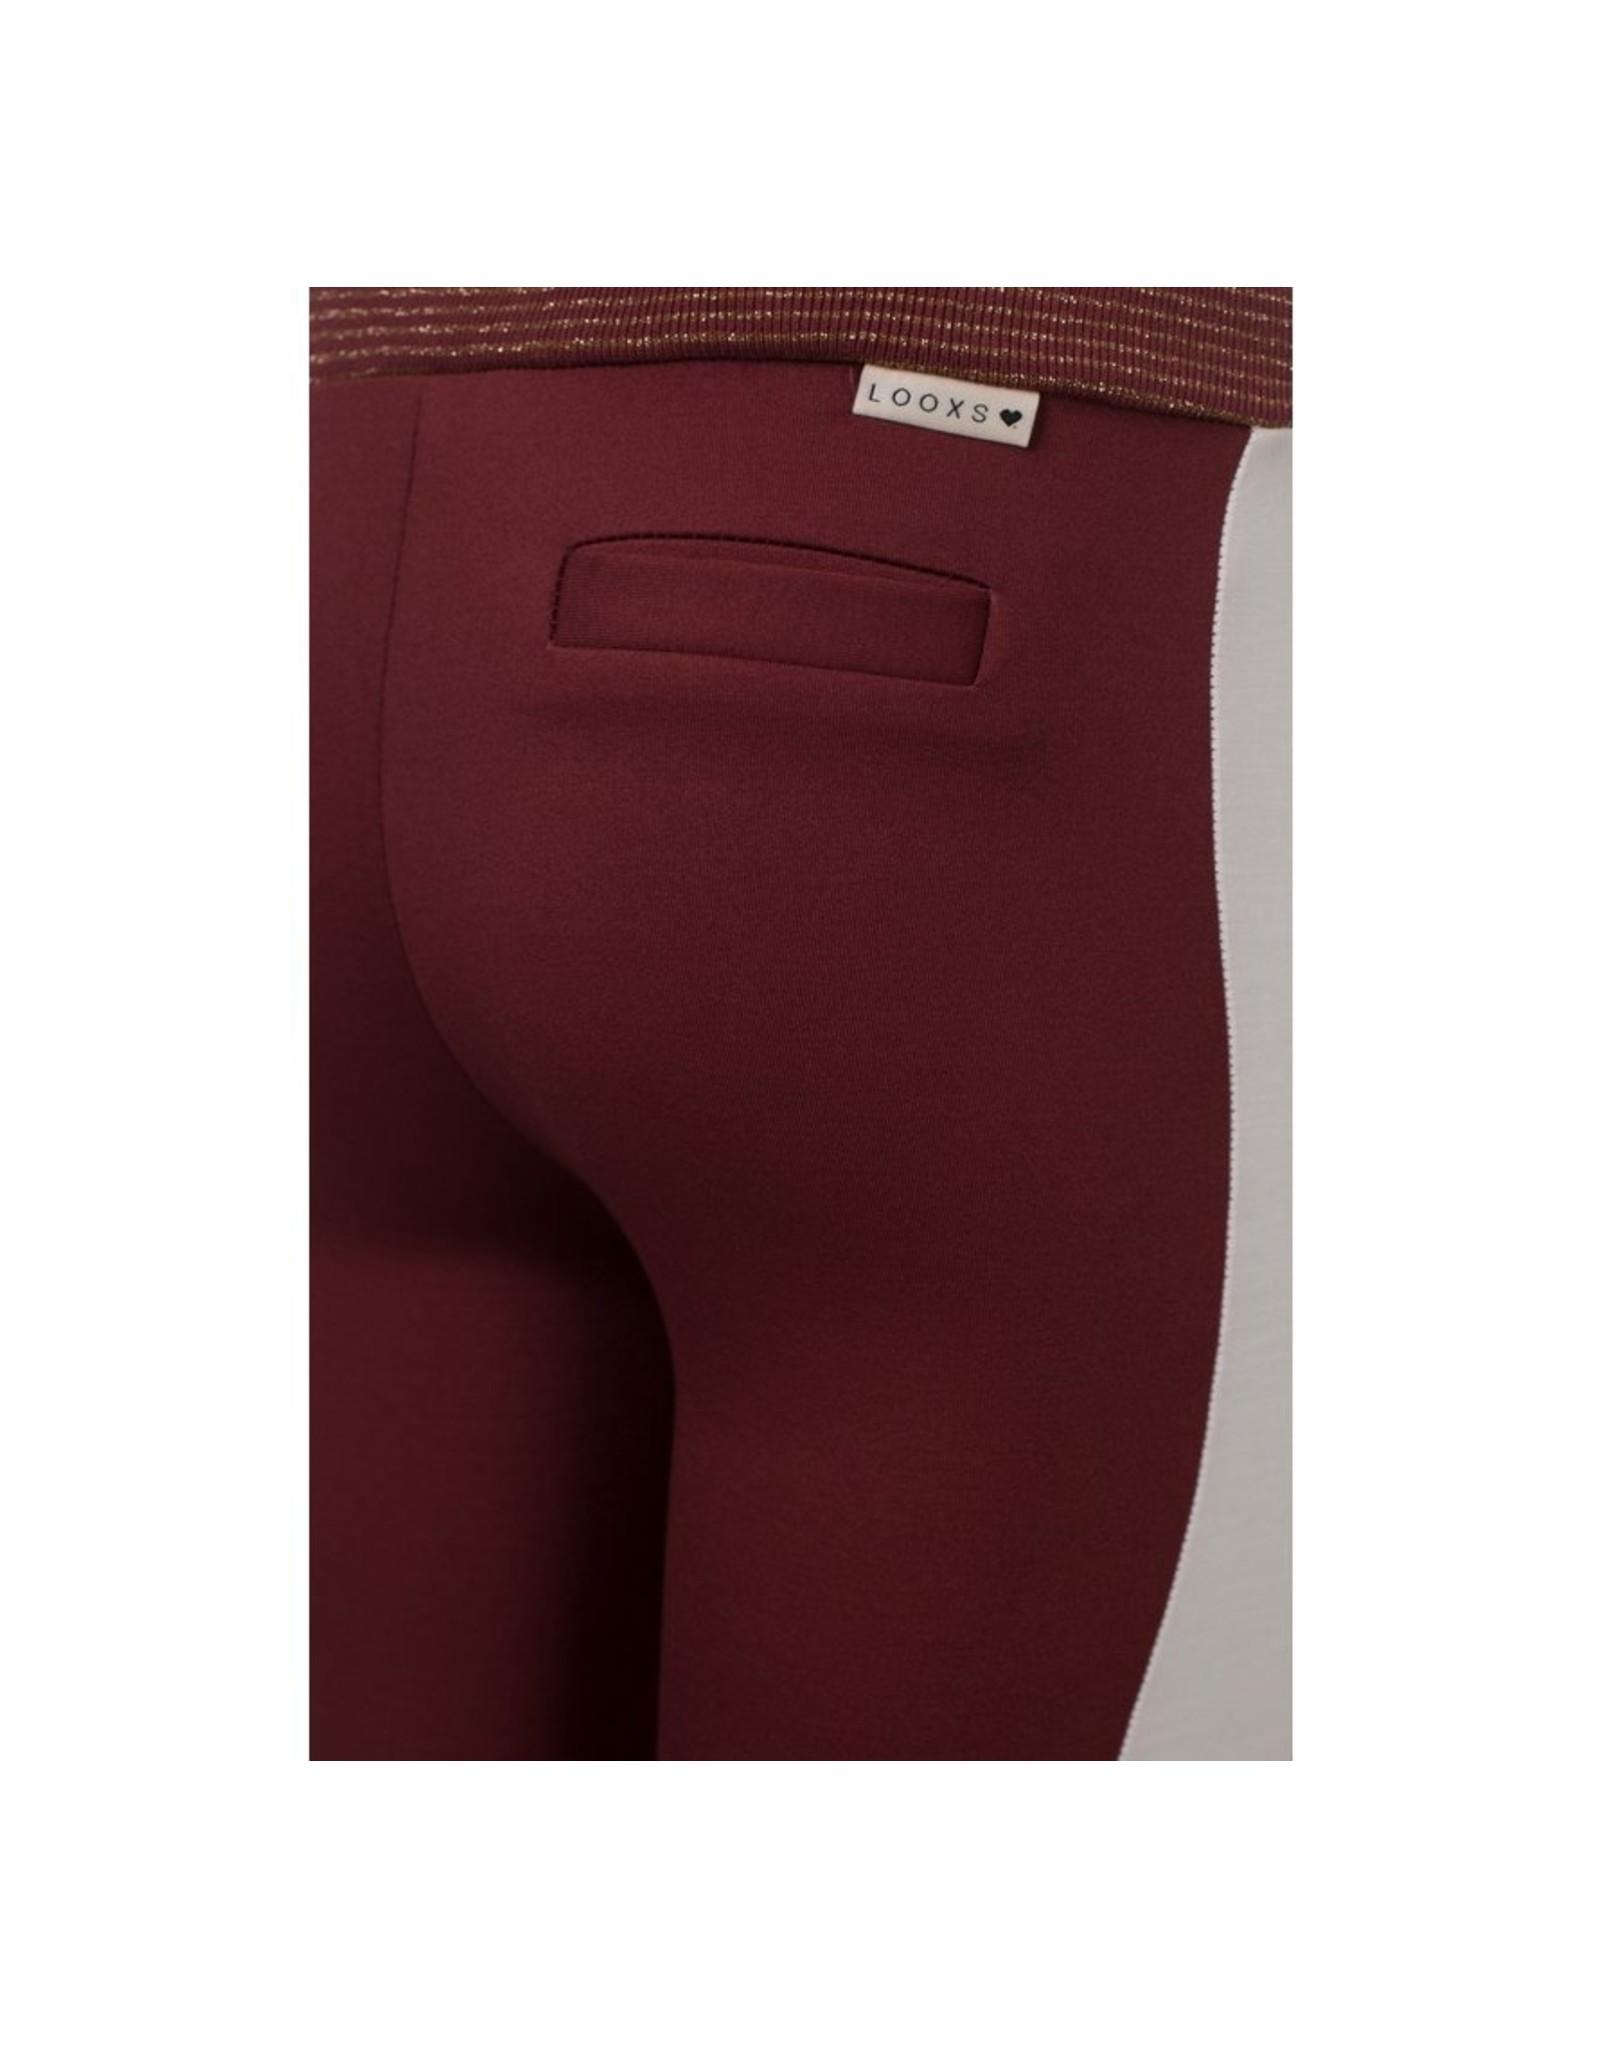 LOOXS Little Little sweat pants wine